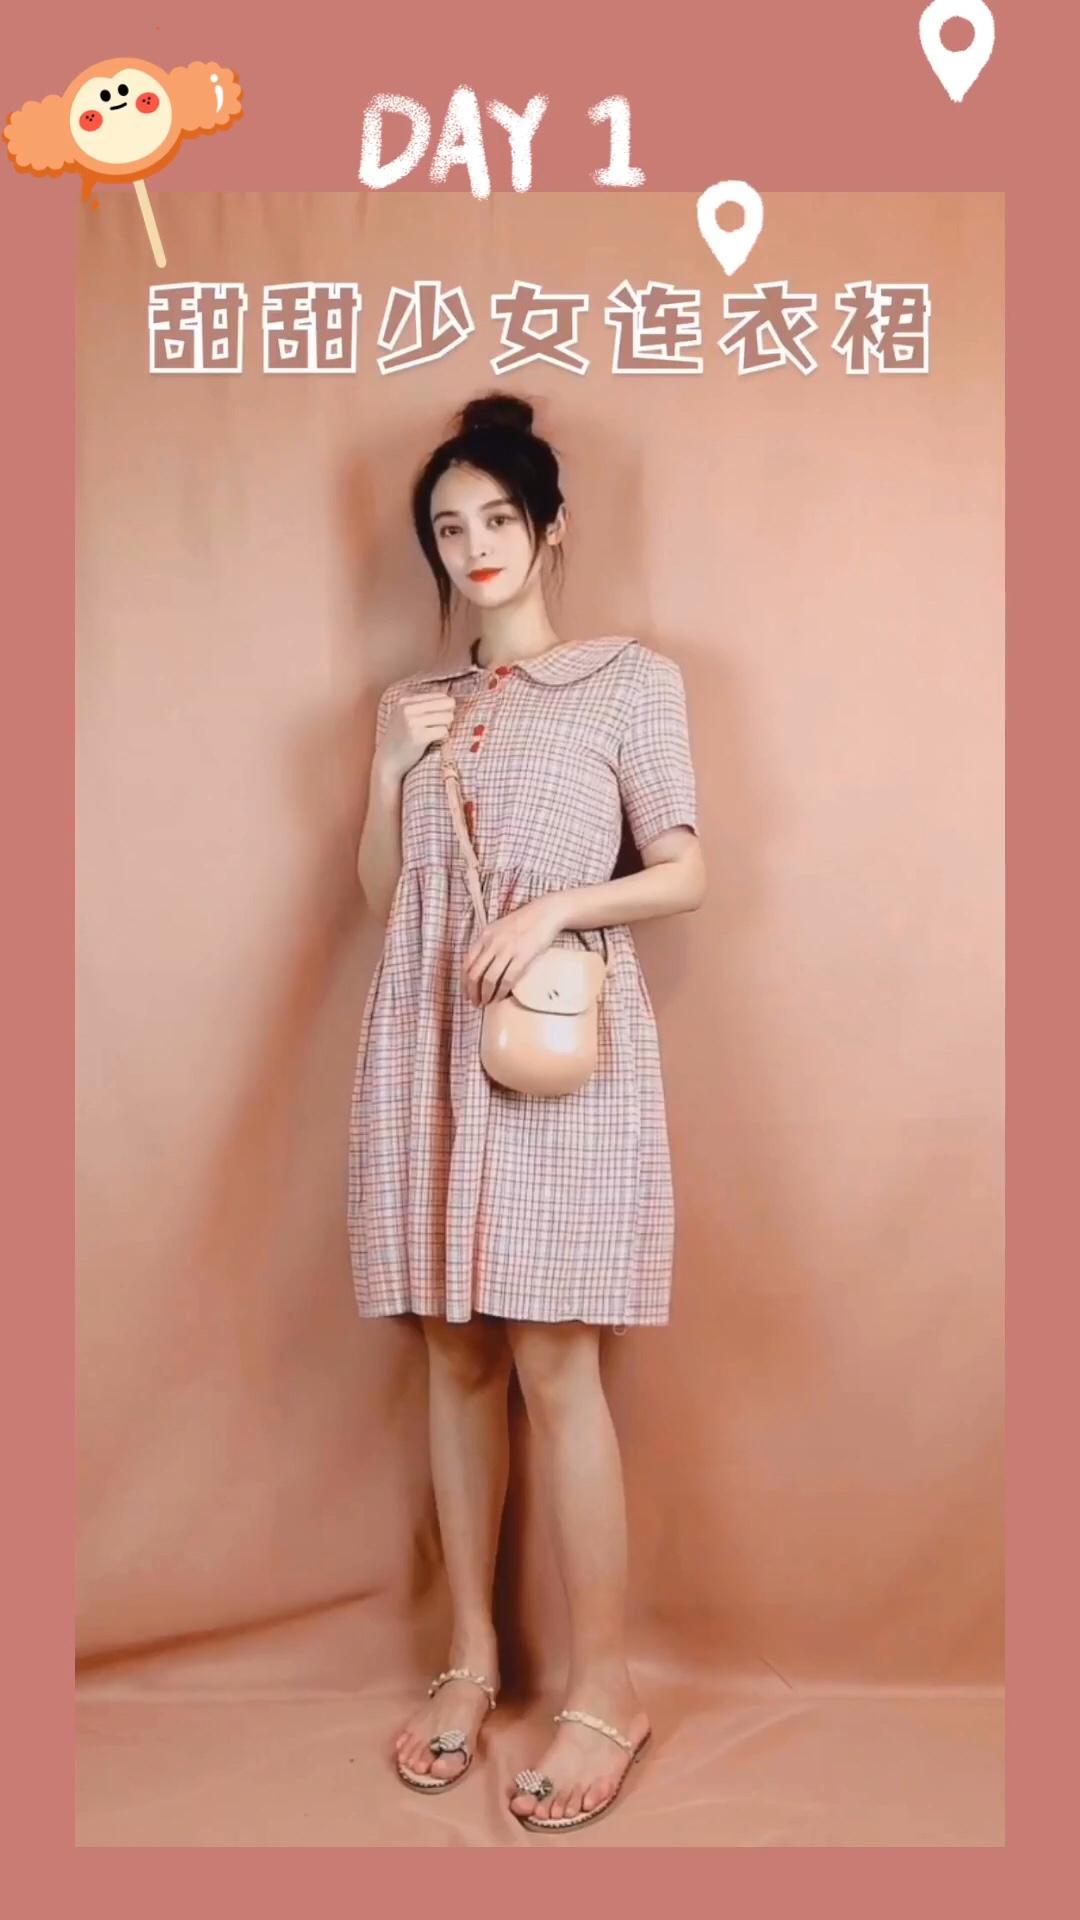 小个子甜甜格纹裙。 很适合小个子的一条连衣裙,长度到膝盖上方,加上高腰设计,整体显高。宽松裙摆,可以遮住小粗腿。格纹配色很特别,粉嫩显白。娃娃领设计,减龄必备,少女感满满。红色扣子的点缀让裙子更加有层次感和设计感。搭配杏粉色挎包,造型可爱,颜色也和裙子搭配很和谐。 #夏日收官look大比拼#